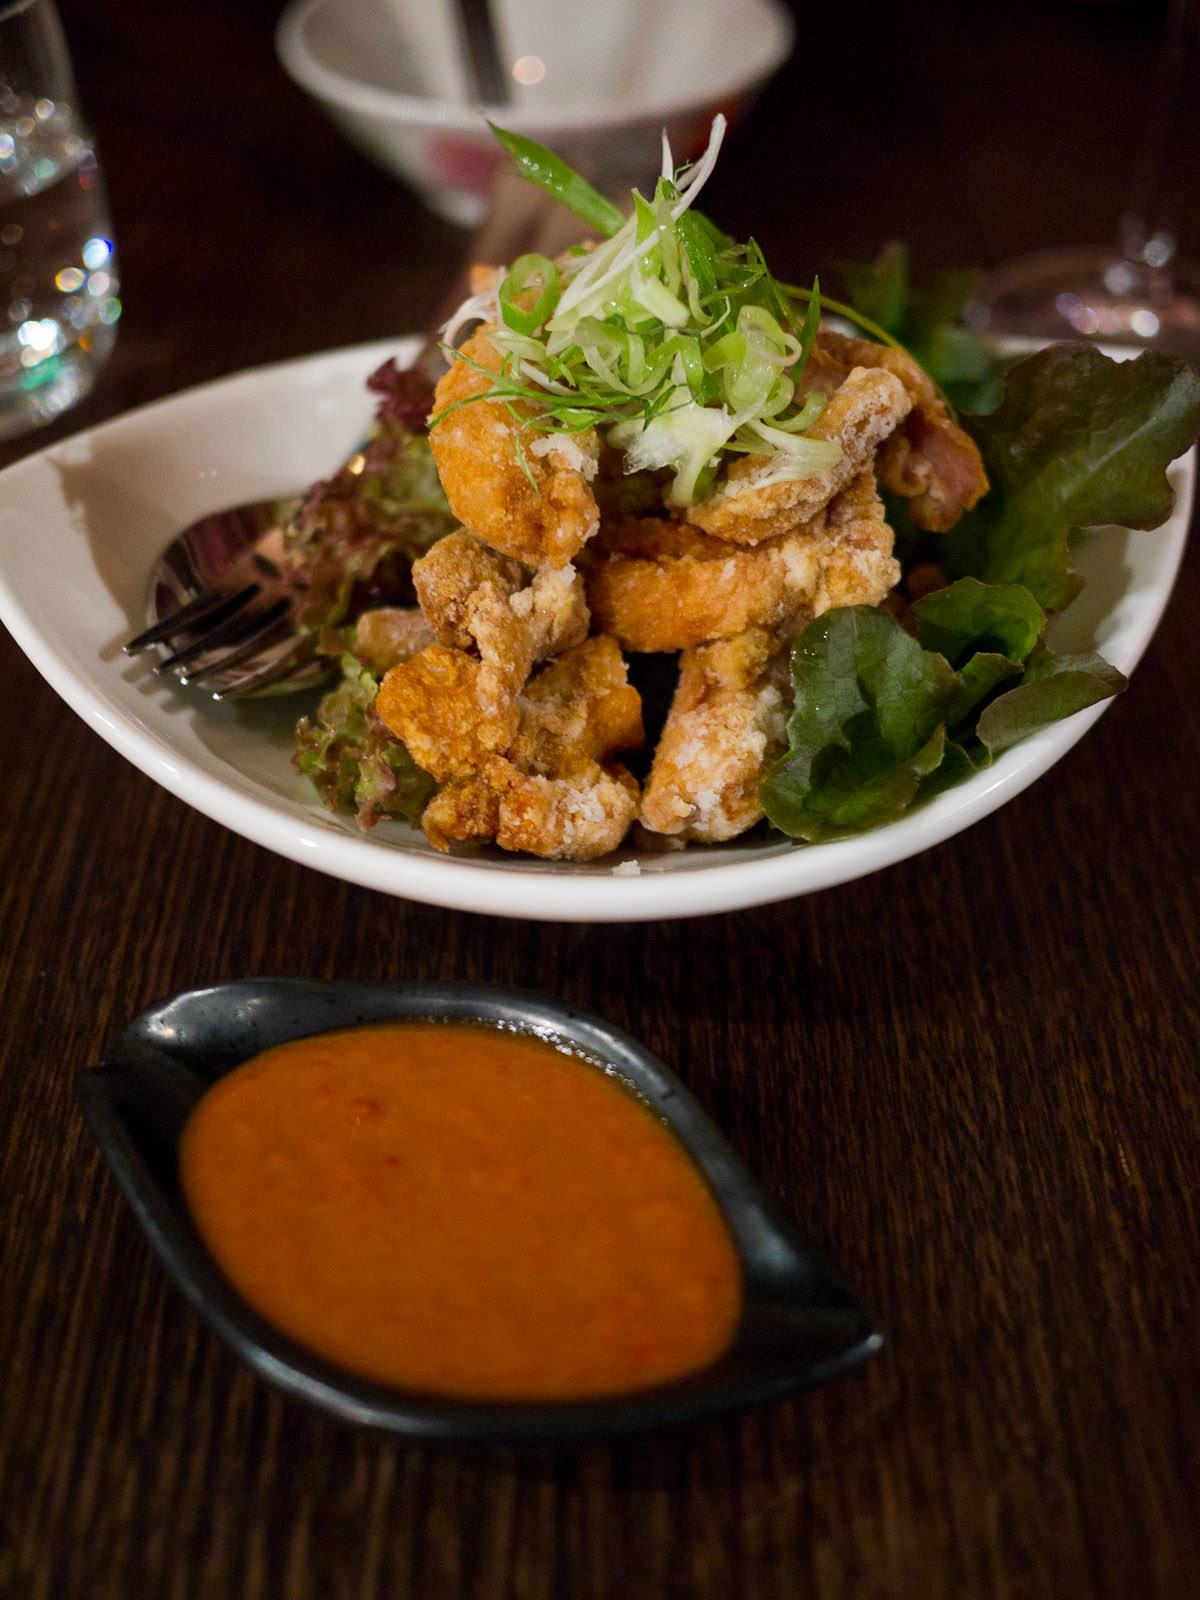 En Che Kebin Chicken - village fried chicken (AU$10)